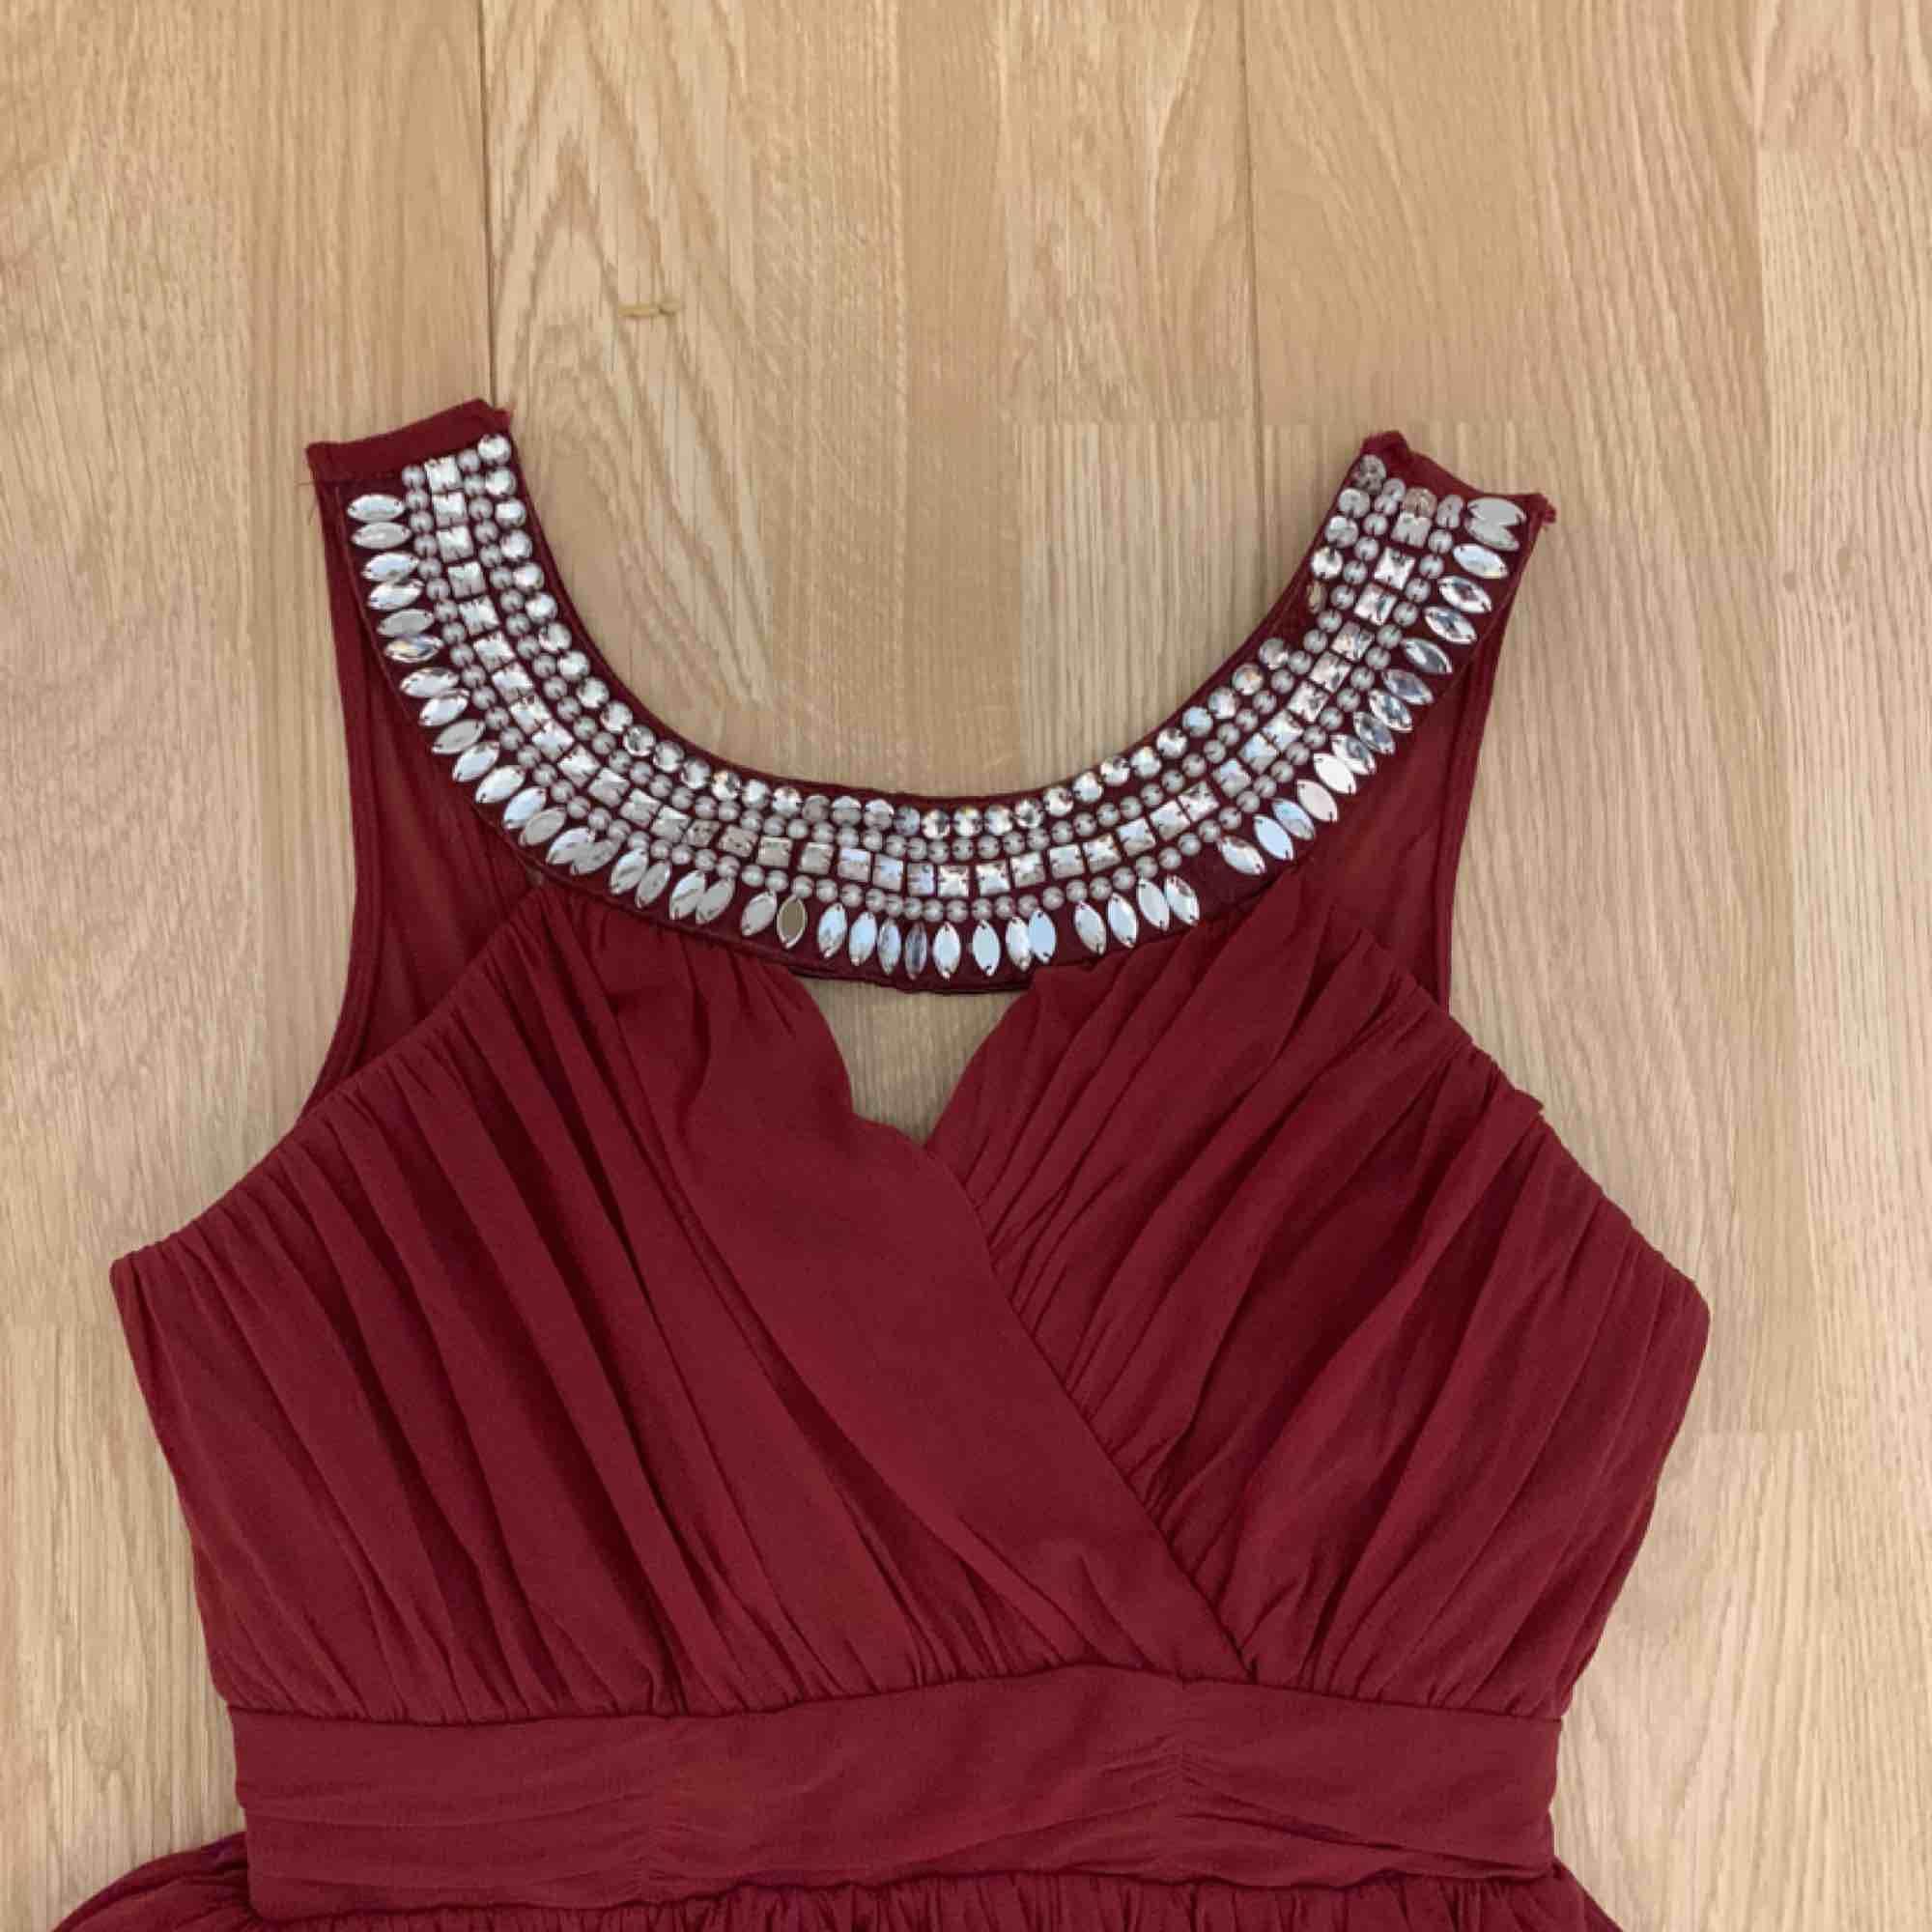 Vinröd kort klänning från Elise Ryan storlek 38.  Fint skick förutom att 2 stenar från framsidan är borta.  Frakt kostar 63kr extra, postar med videobevis/bildbevis. Jag garanterar en snabb pålitlig affär!✨ ✖️Fraktar endast✖️. Klänningar.